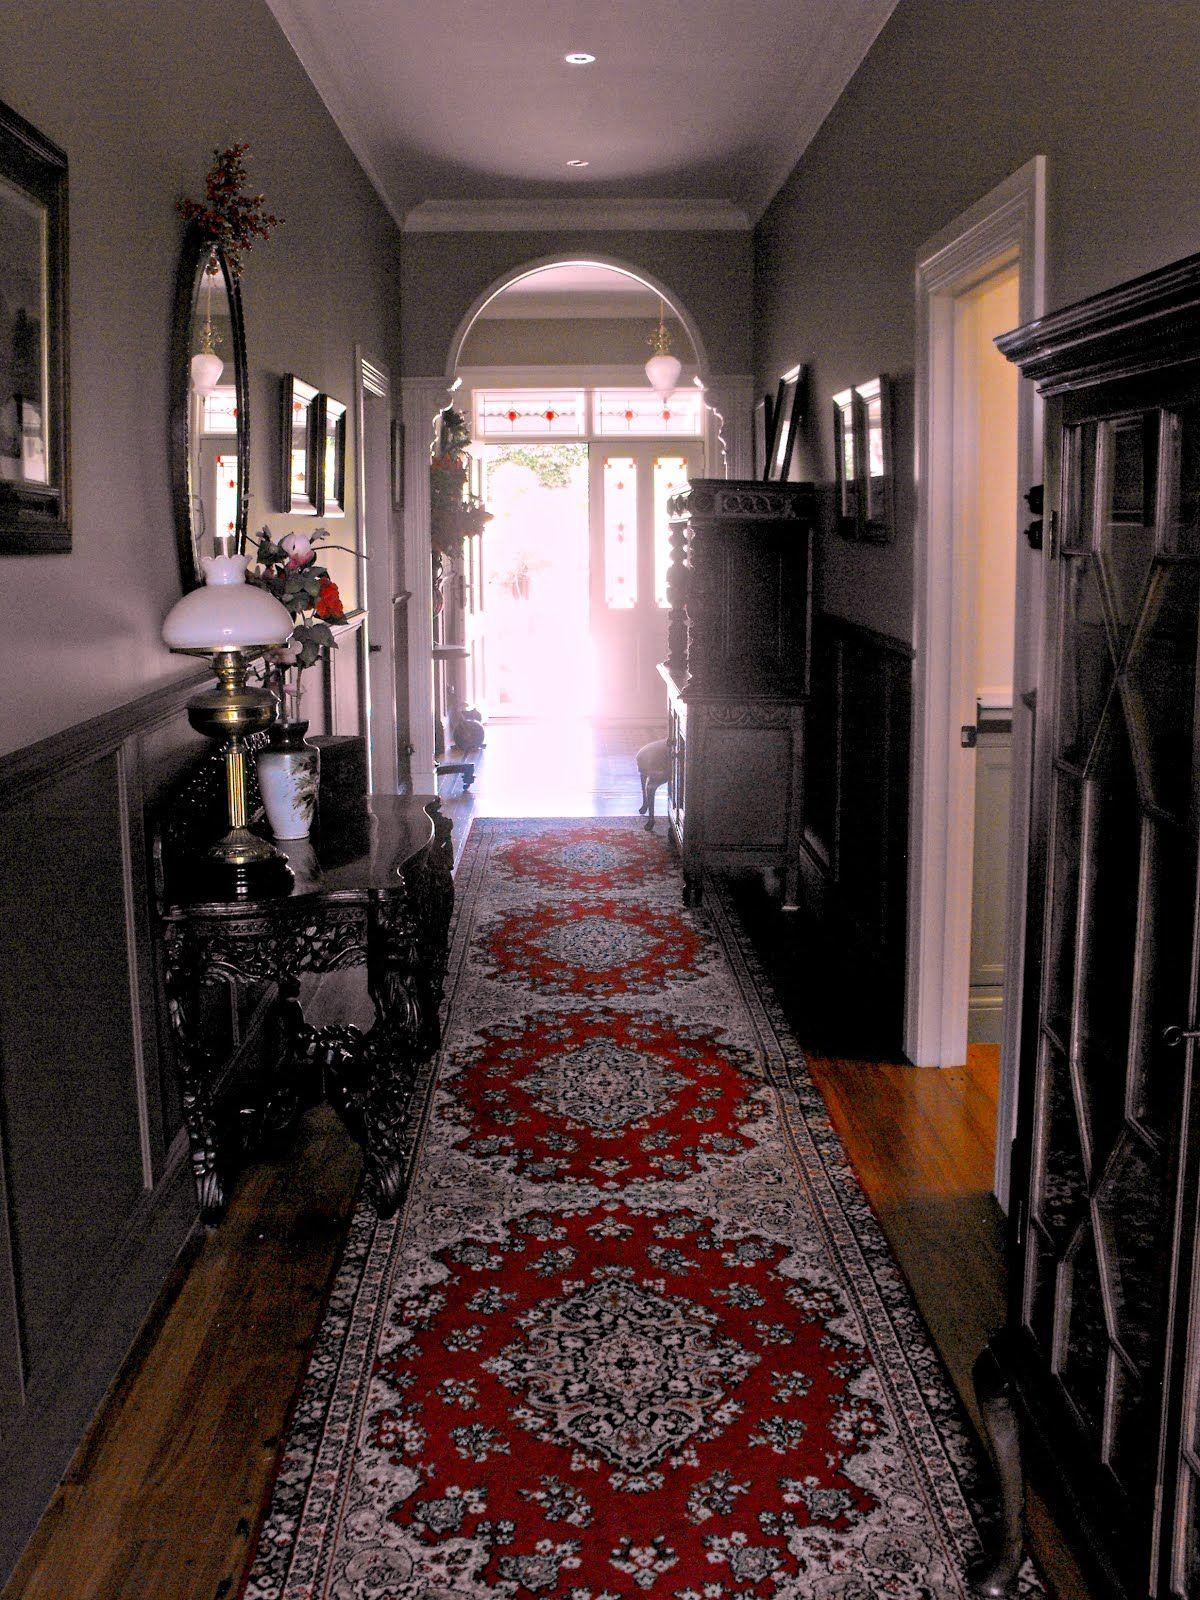 Edwardian Style Hallway With Antique Furniture. NZ Villas